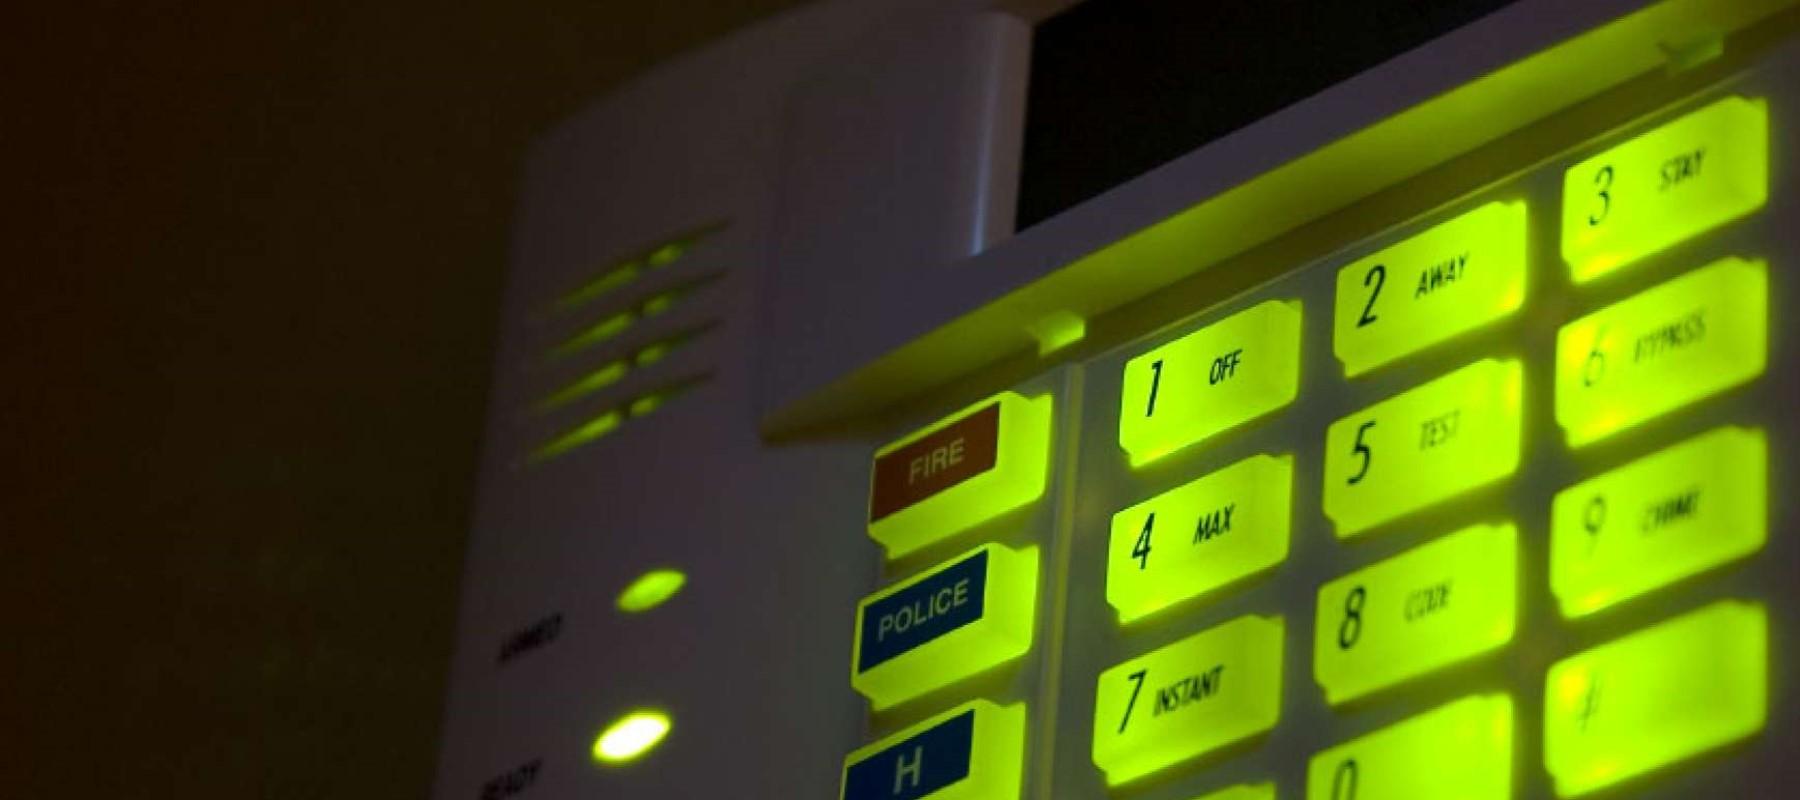 Inbraak alarmsystemen